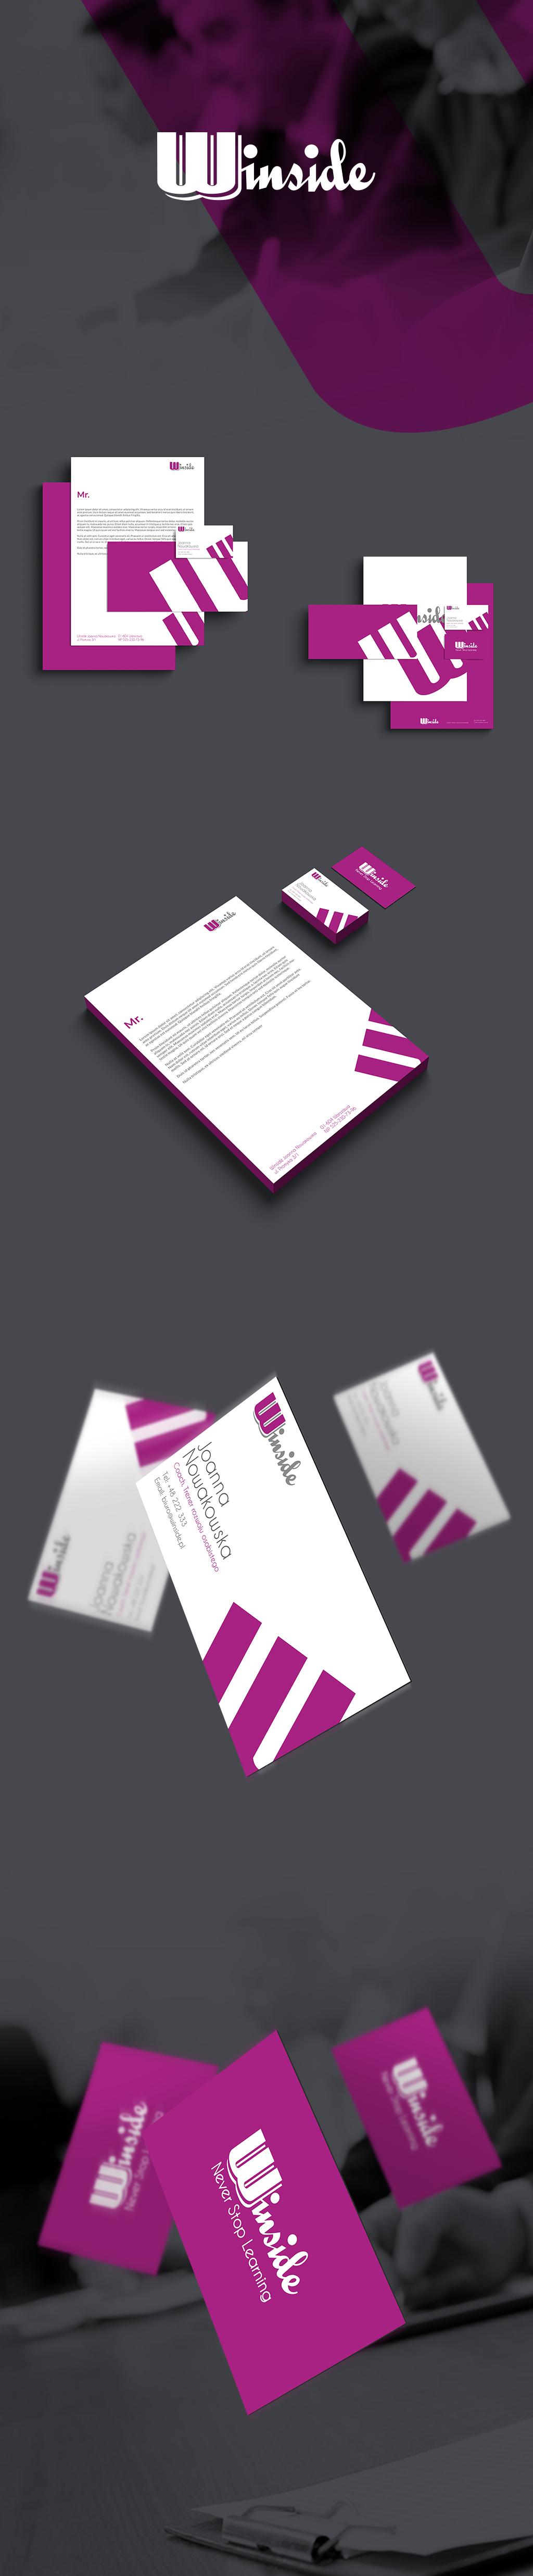 Projekt wizytówki i papieru firmowego